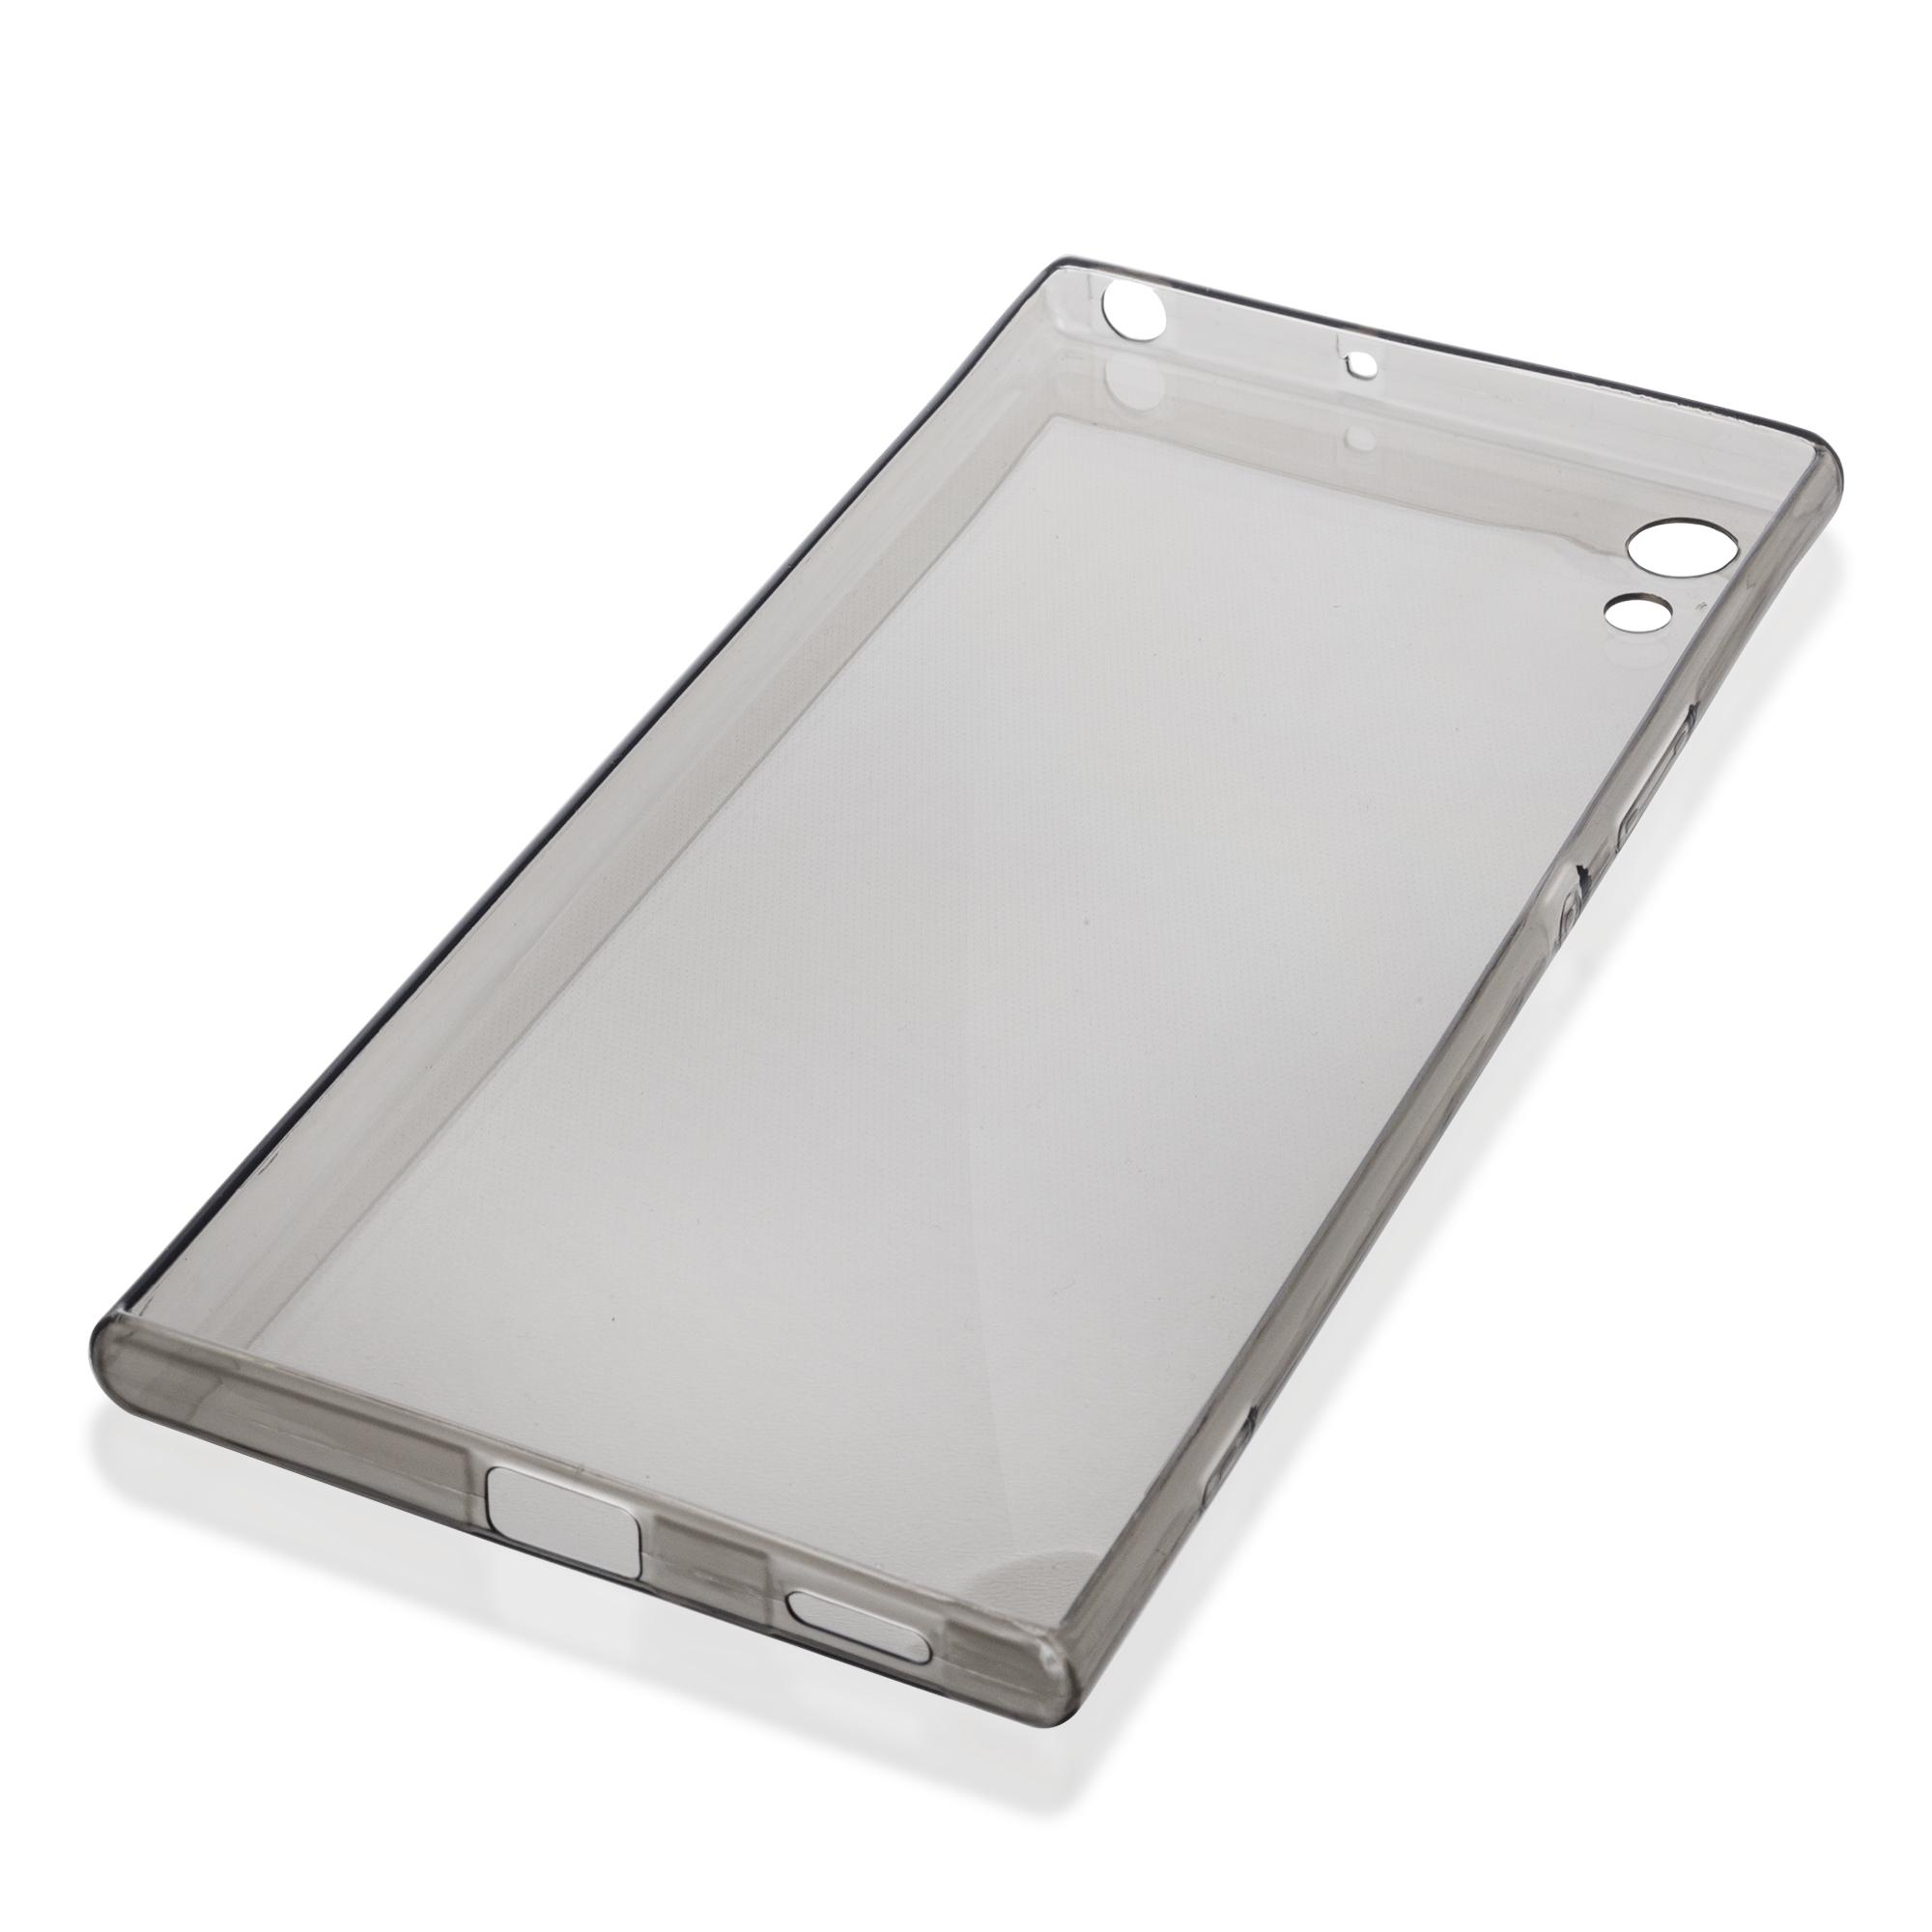 Силиконовая накладка Brosco для сматфона Xperia XA1 Ultra, цвет чёрный